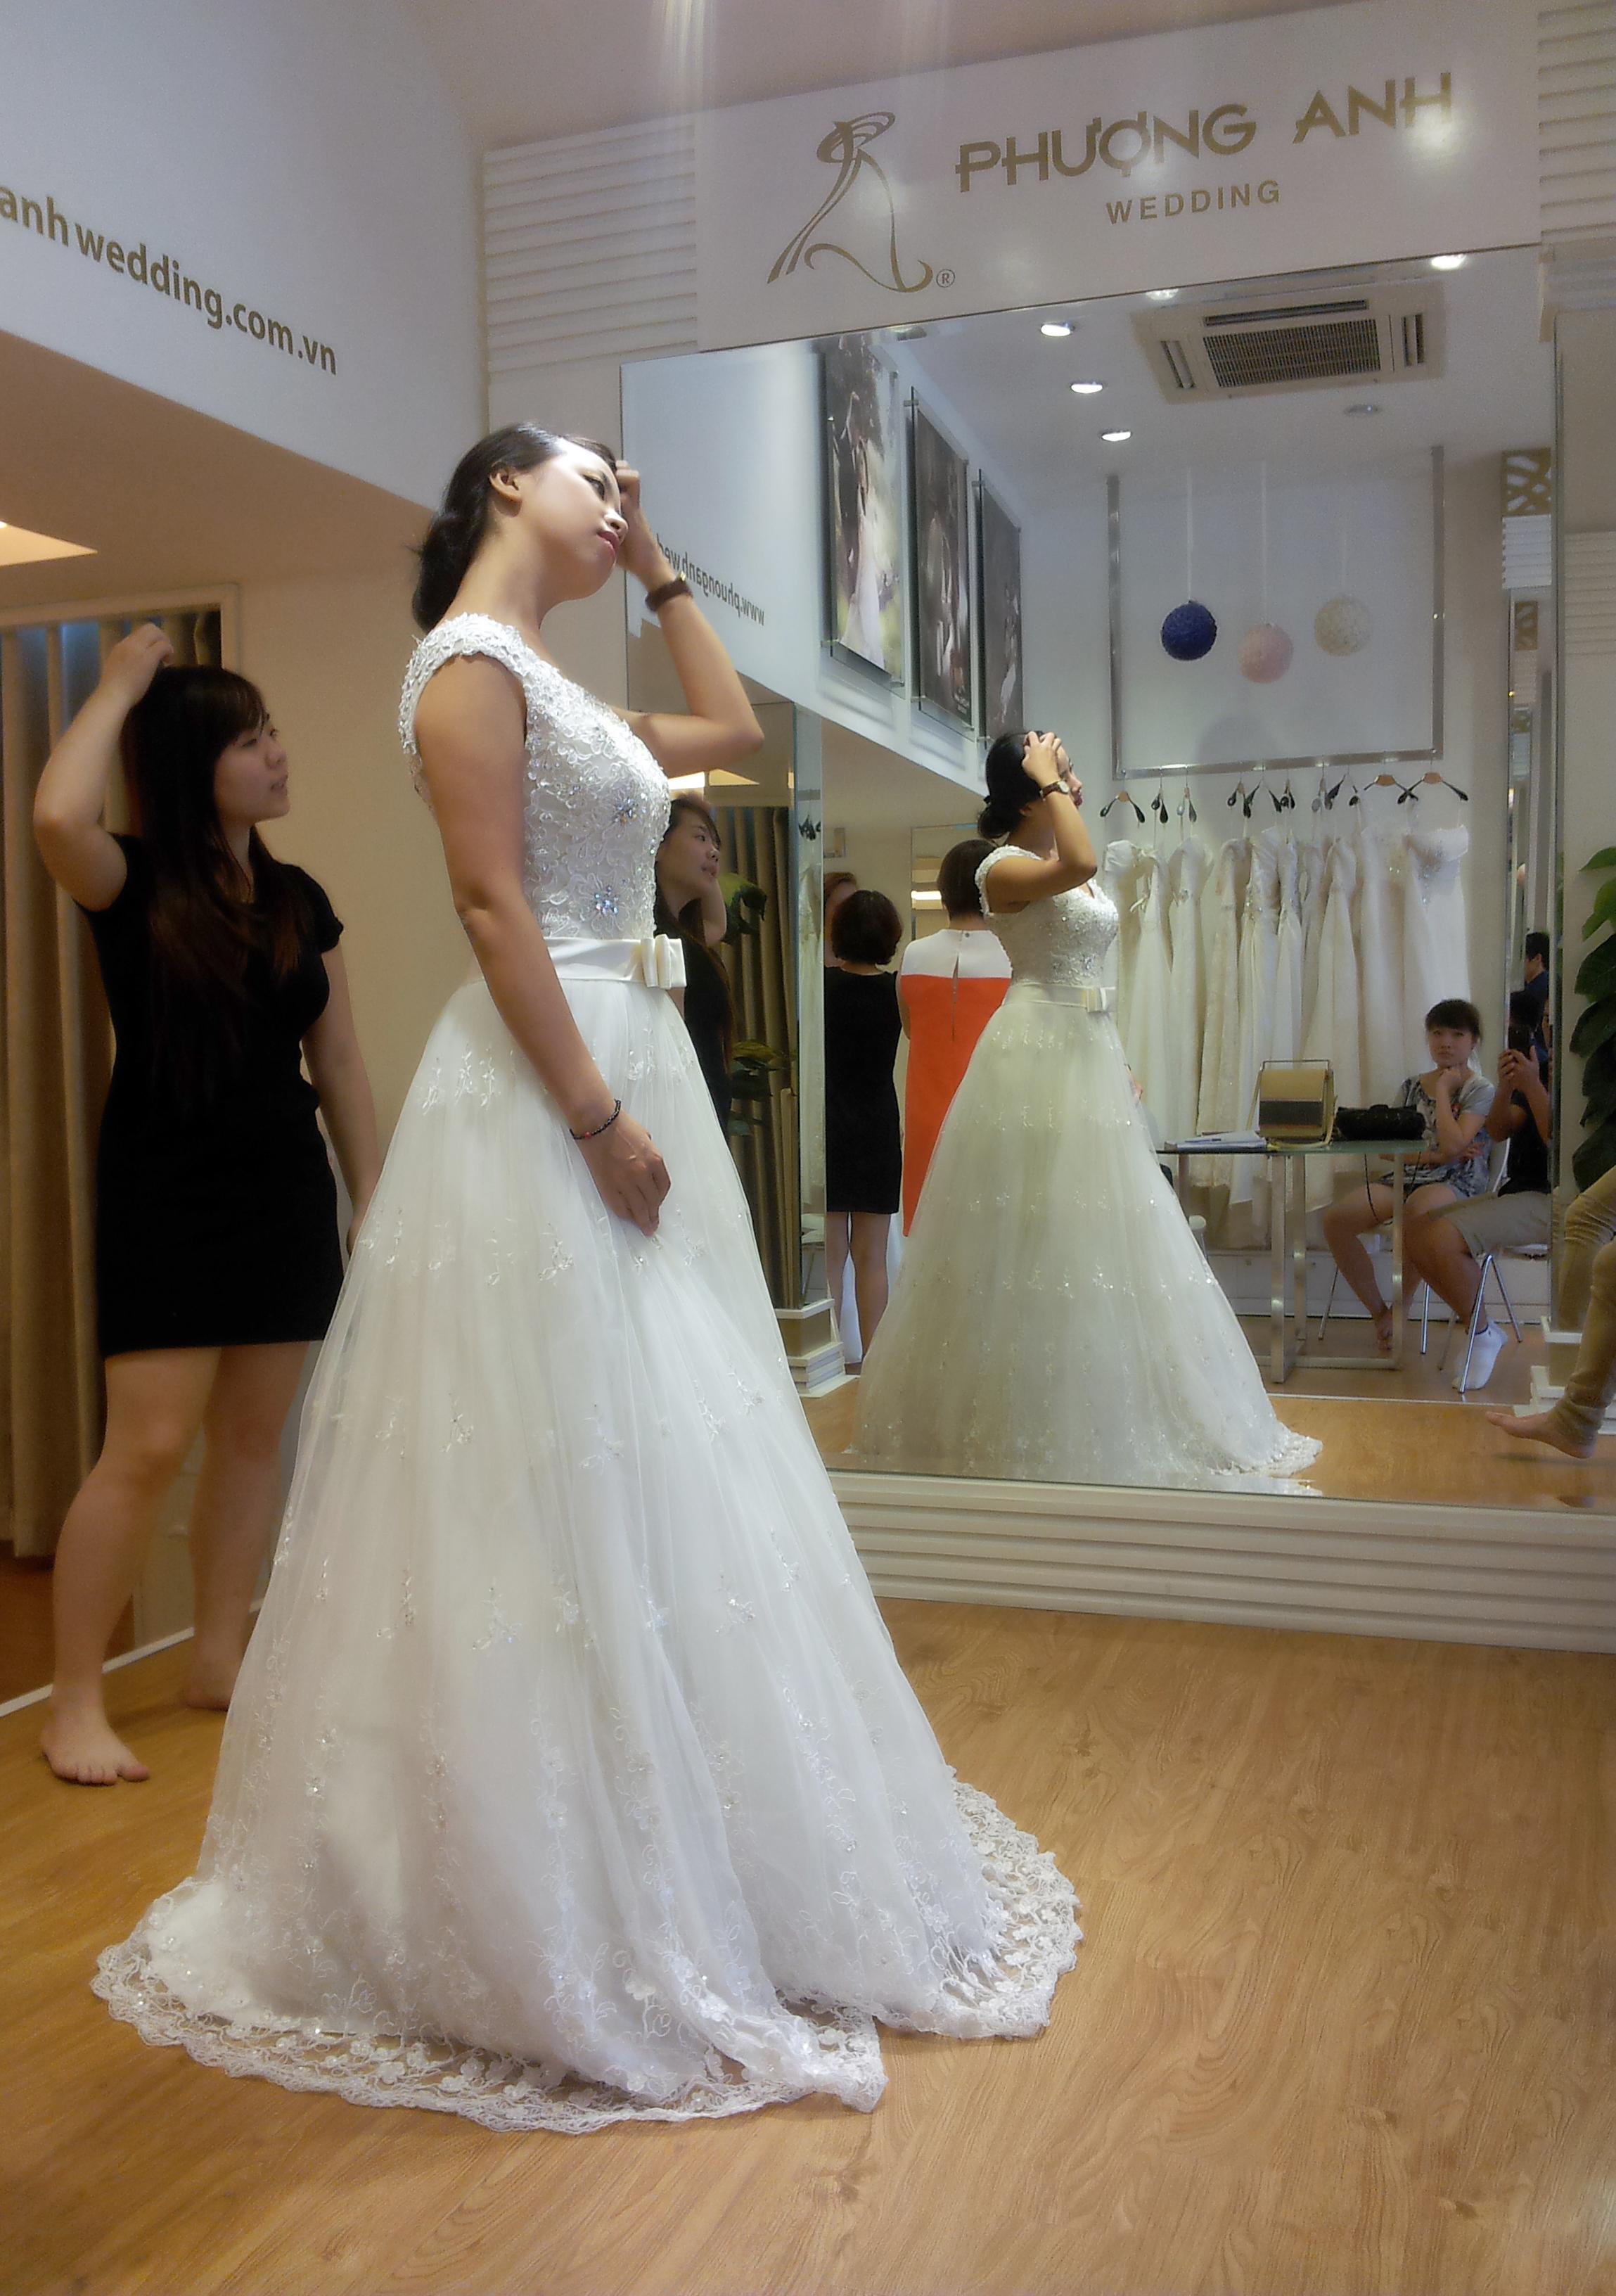 Kinh nghiệm chọn áo cưới hoàn hảo